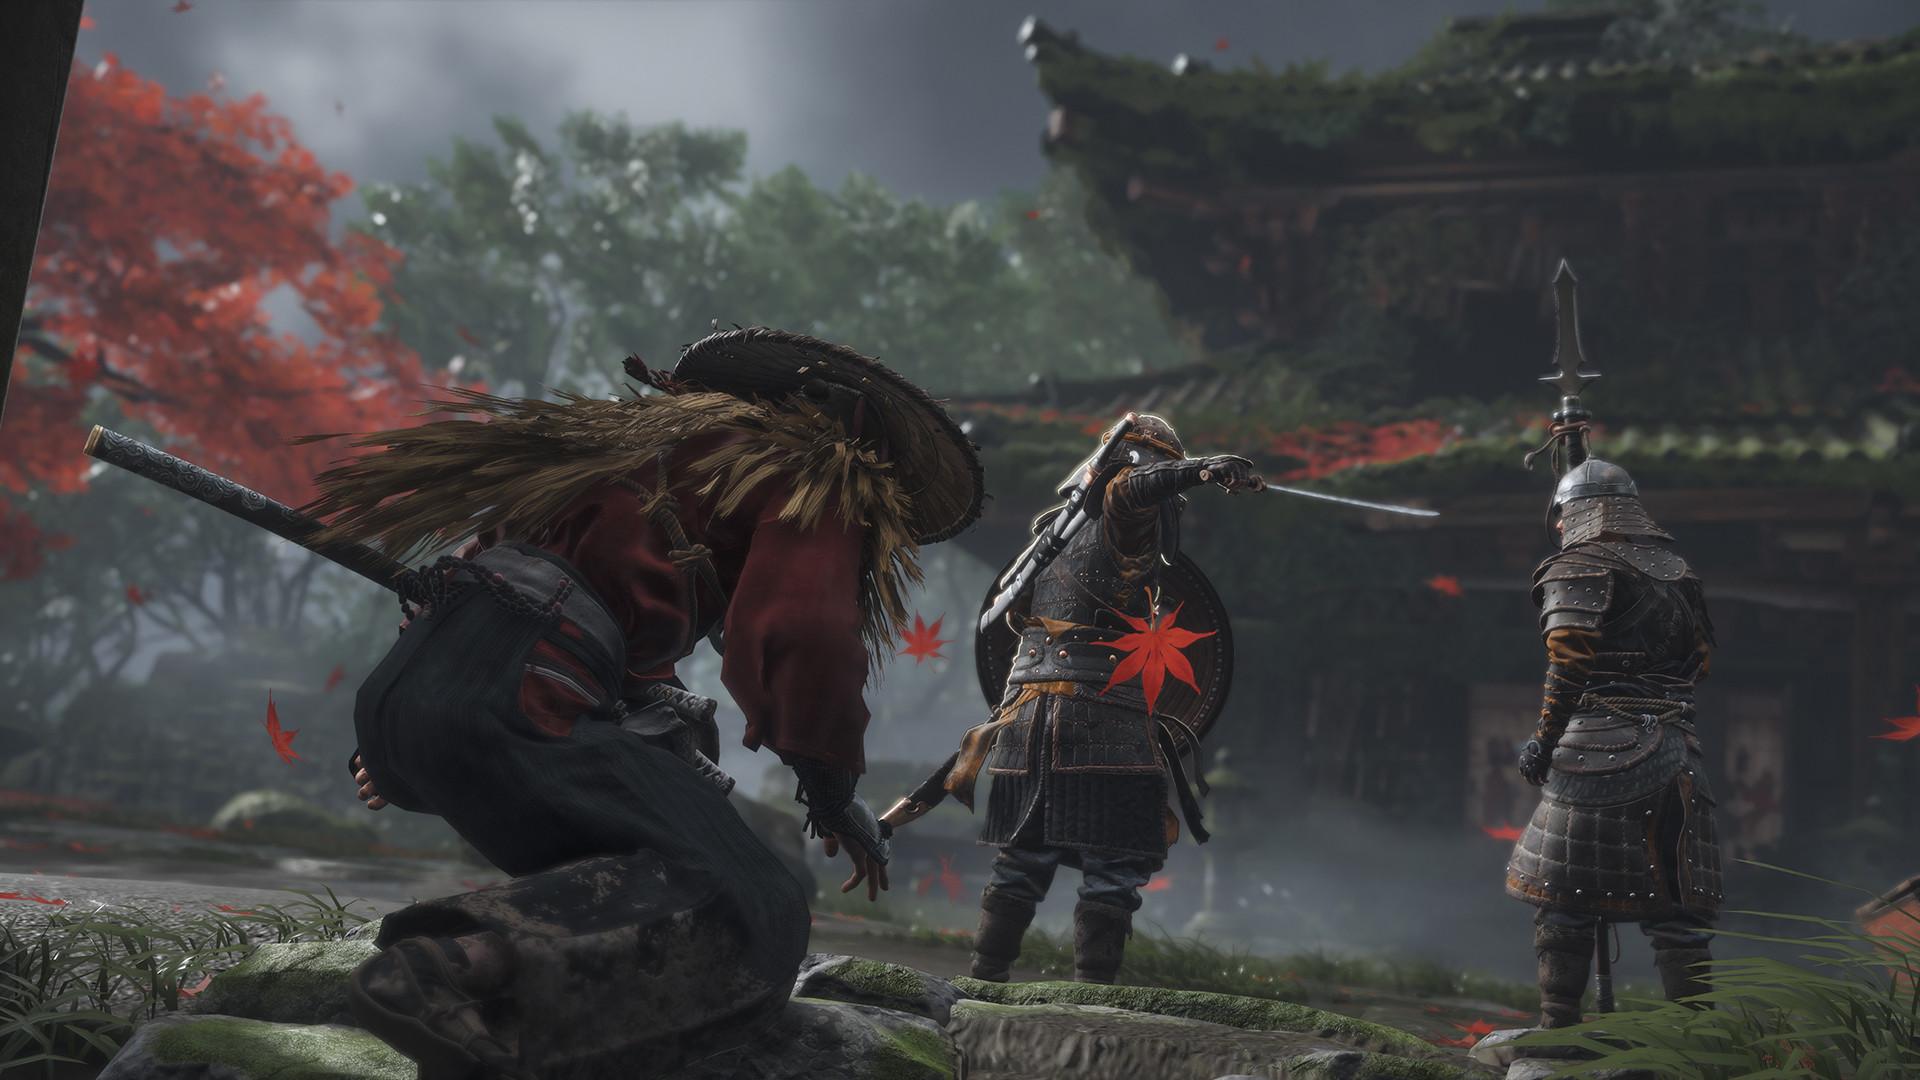 Ghost of Tsushima будет хардкорной игрой с масштабным интерактивным миром Японии 13 века